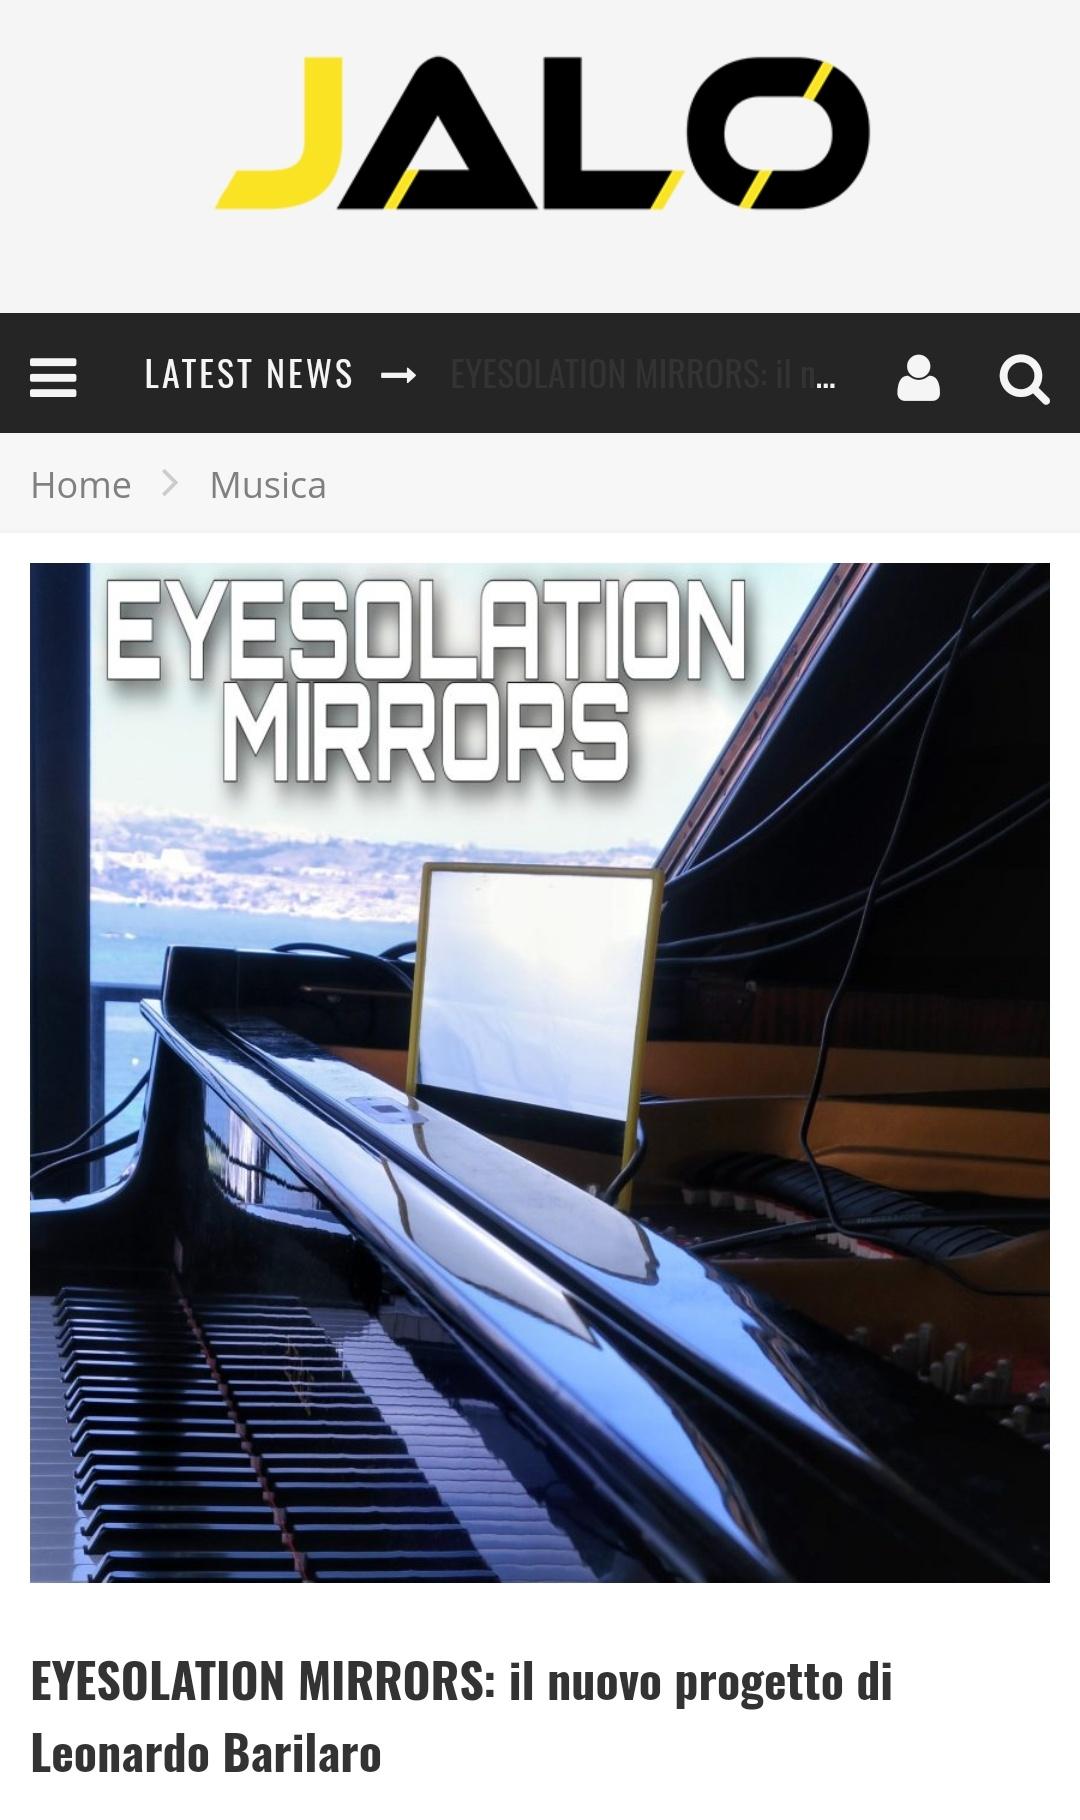 Eyesolation Mirrors on JALO